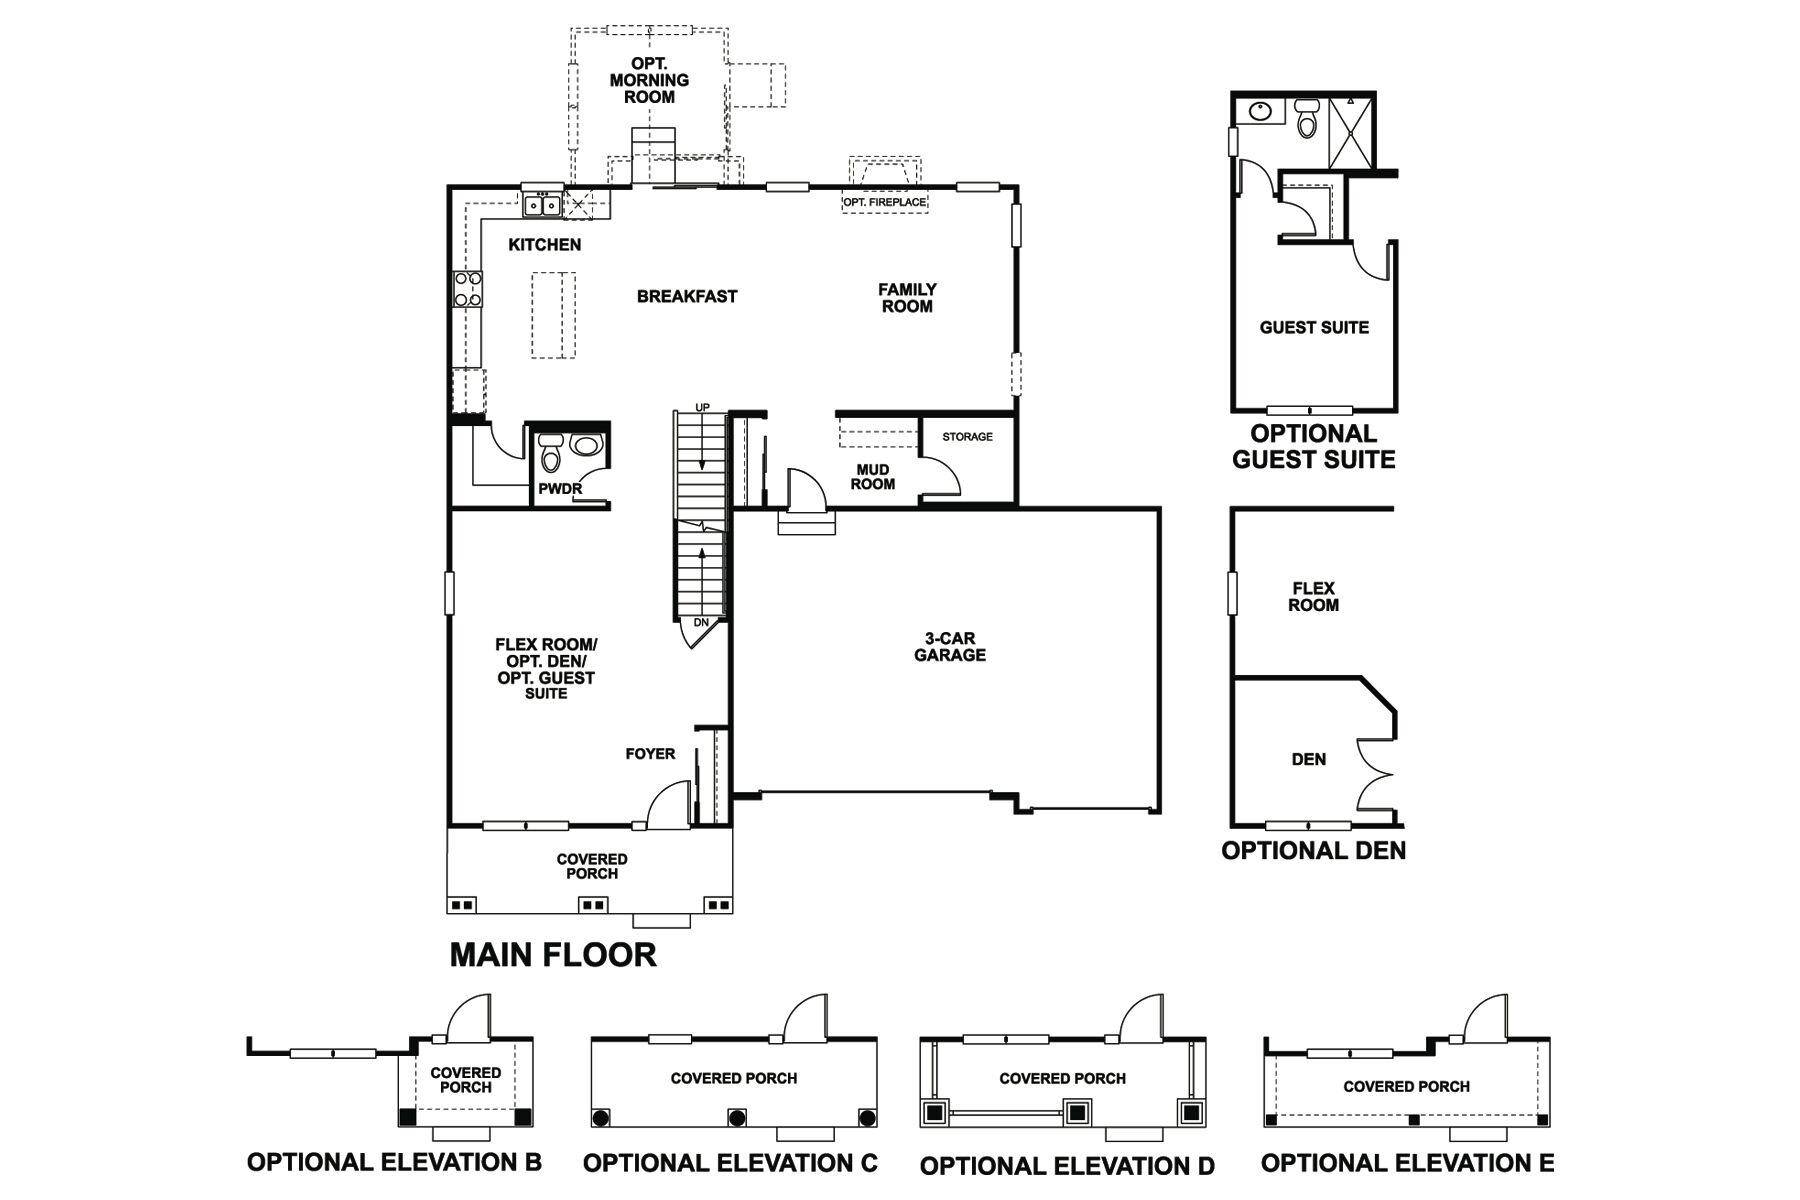 Gresham 3-Car Floorplan